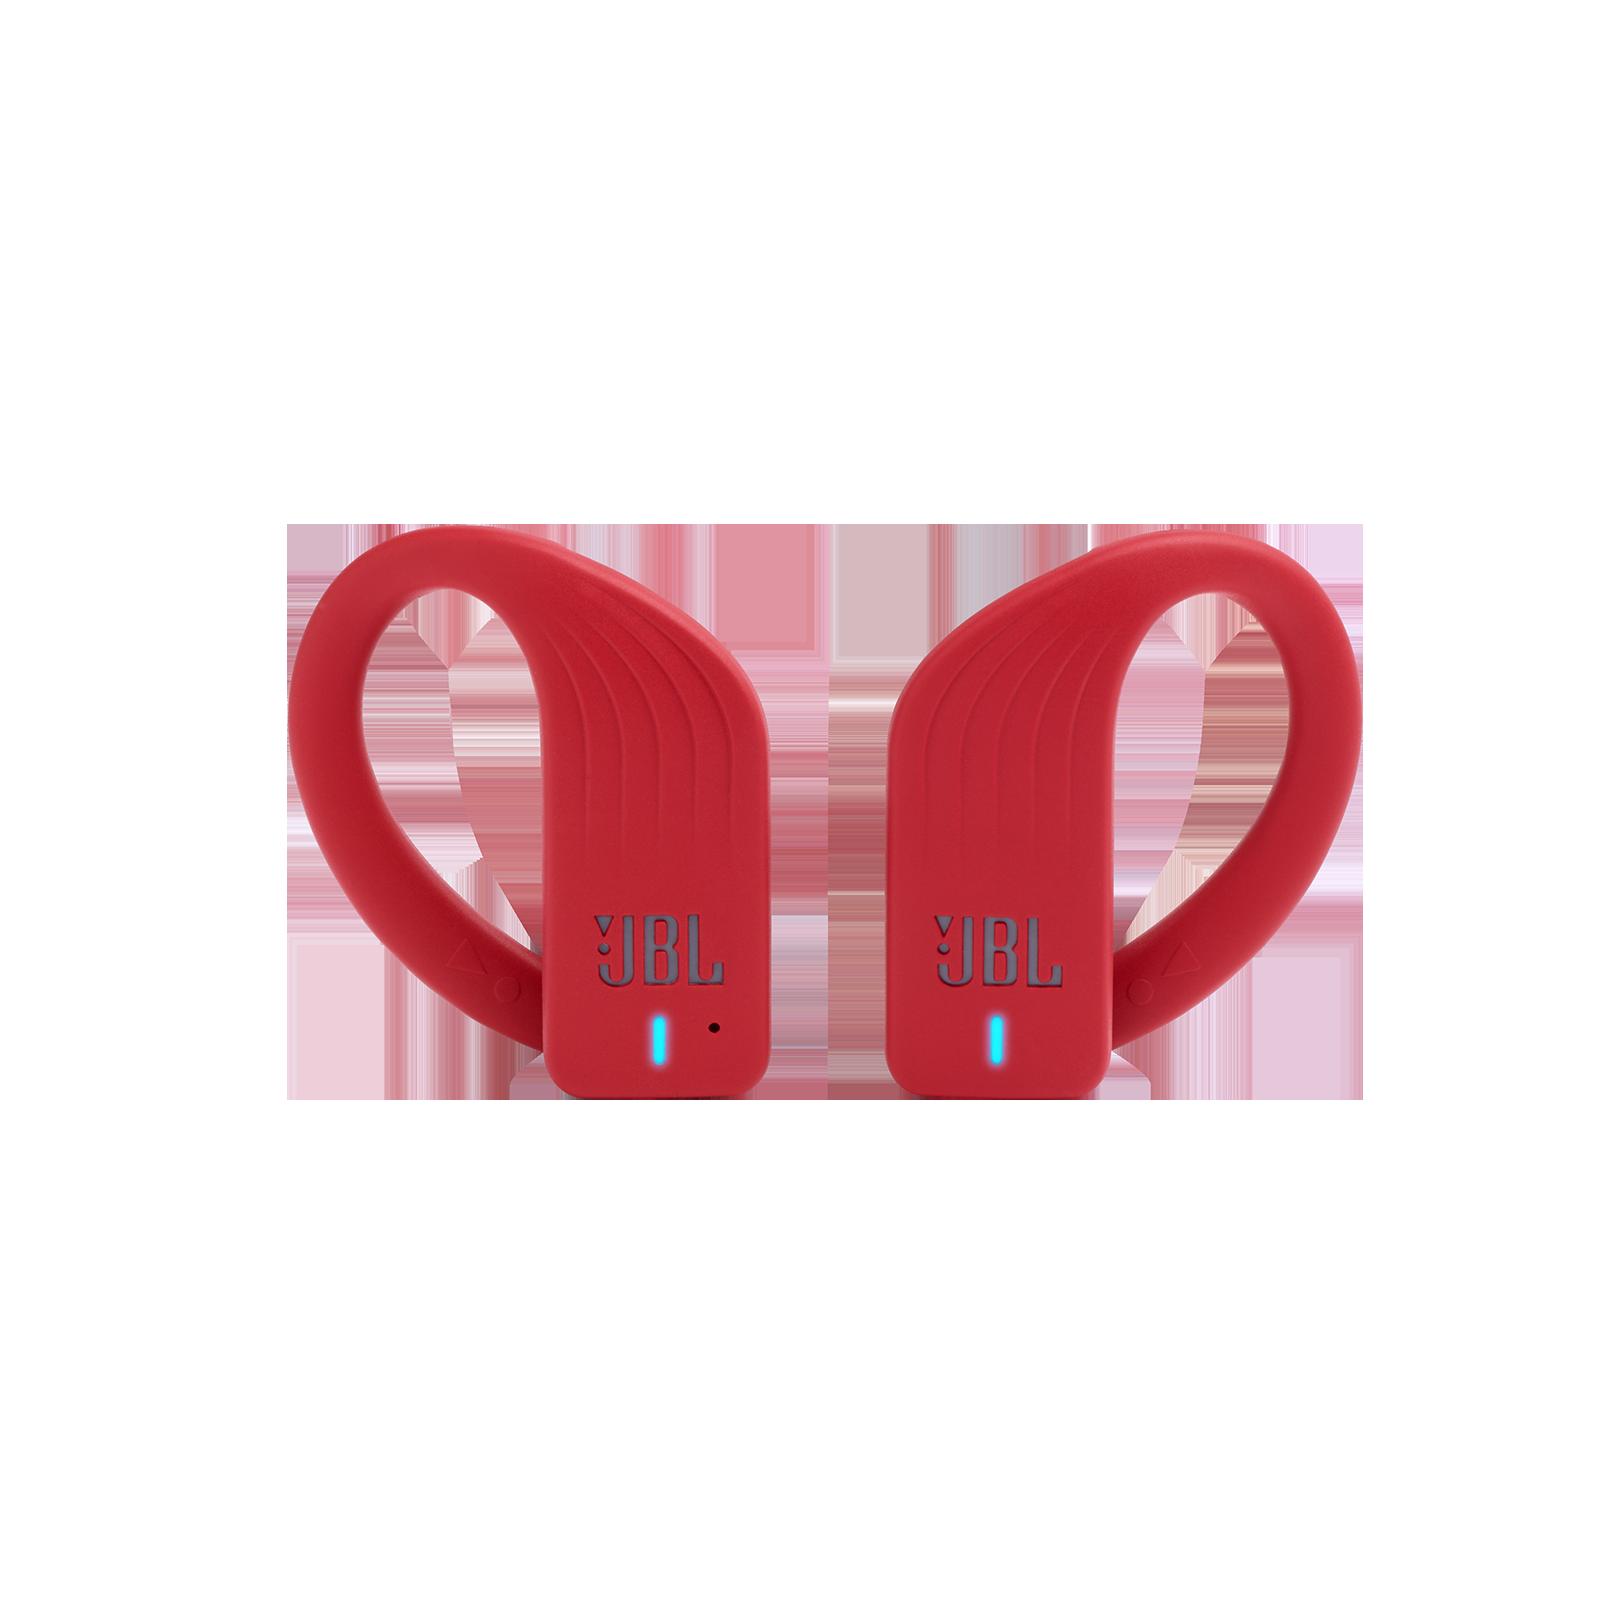 JBL Endurance PEAK - Red - Waterproof True Wireless In-Ear Sport Headphones - Front